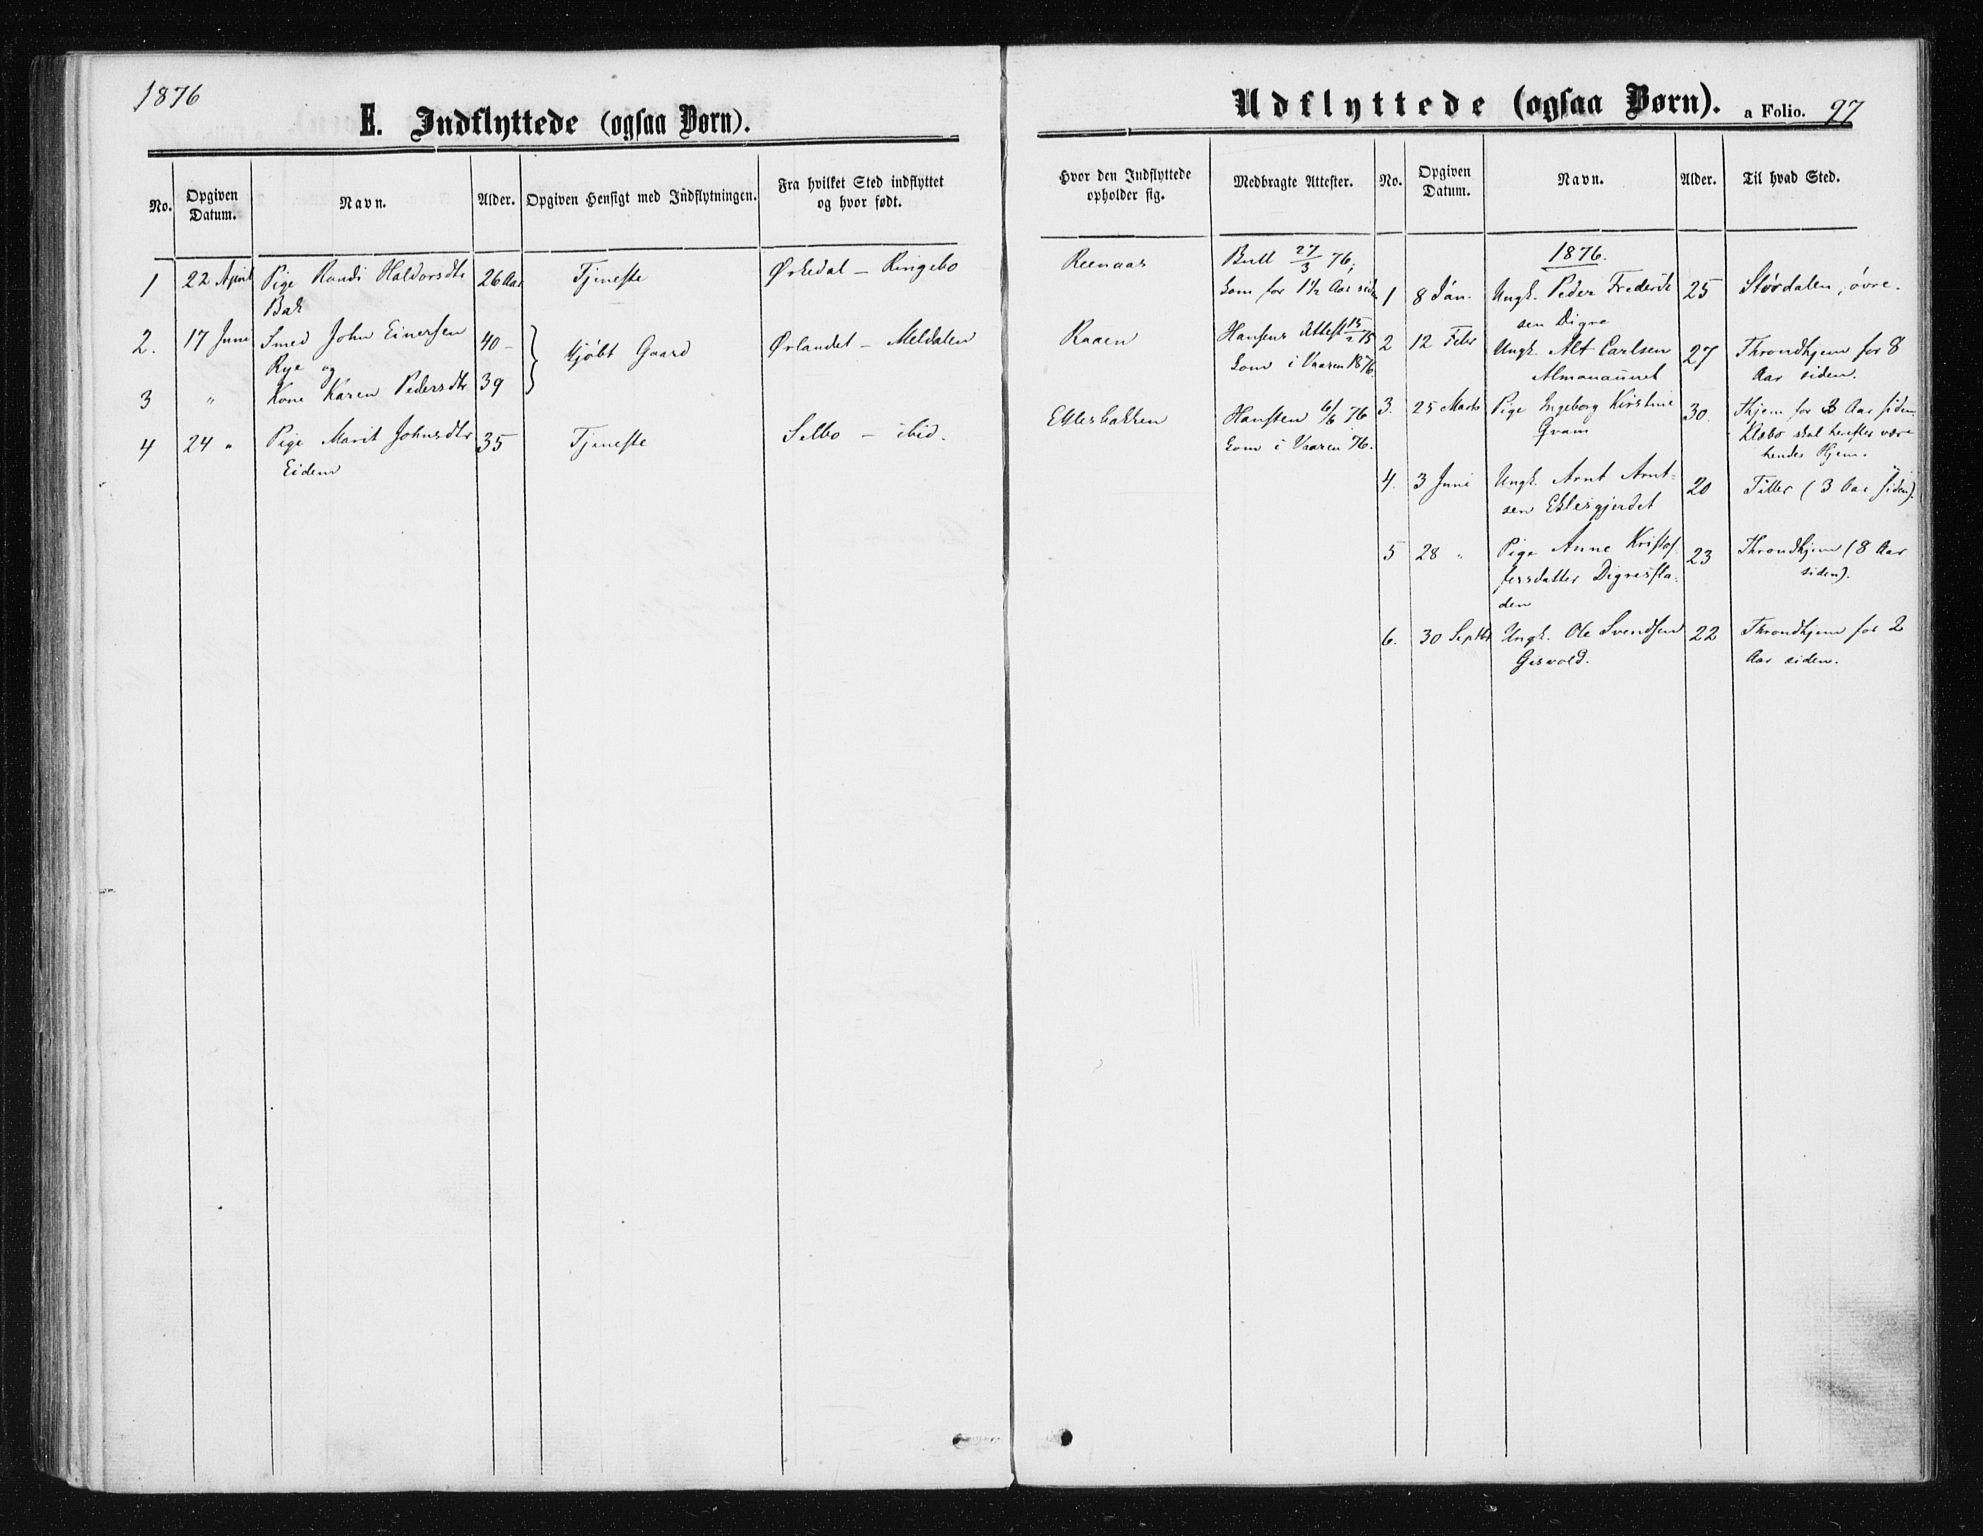 SAT, Ministerialprotokoller, klokkerbøker og fødselsregistre - Sør-Trøndelag, 608/L0333: Ministerialbok nr. 608A02, 1862-1876, s. 97